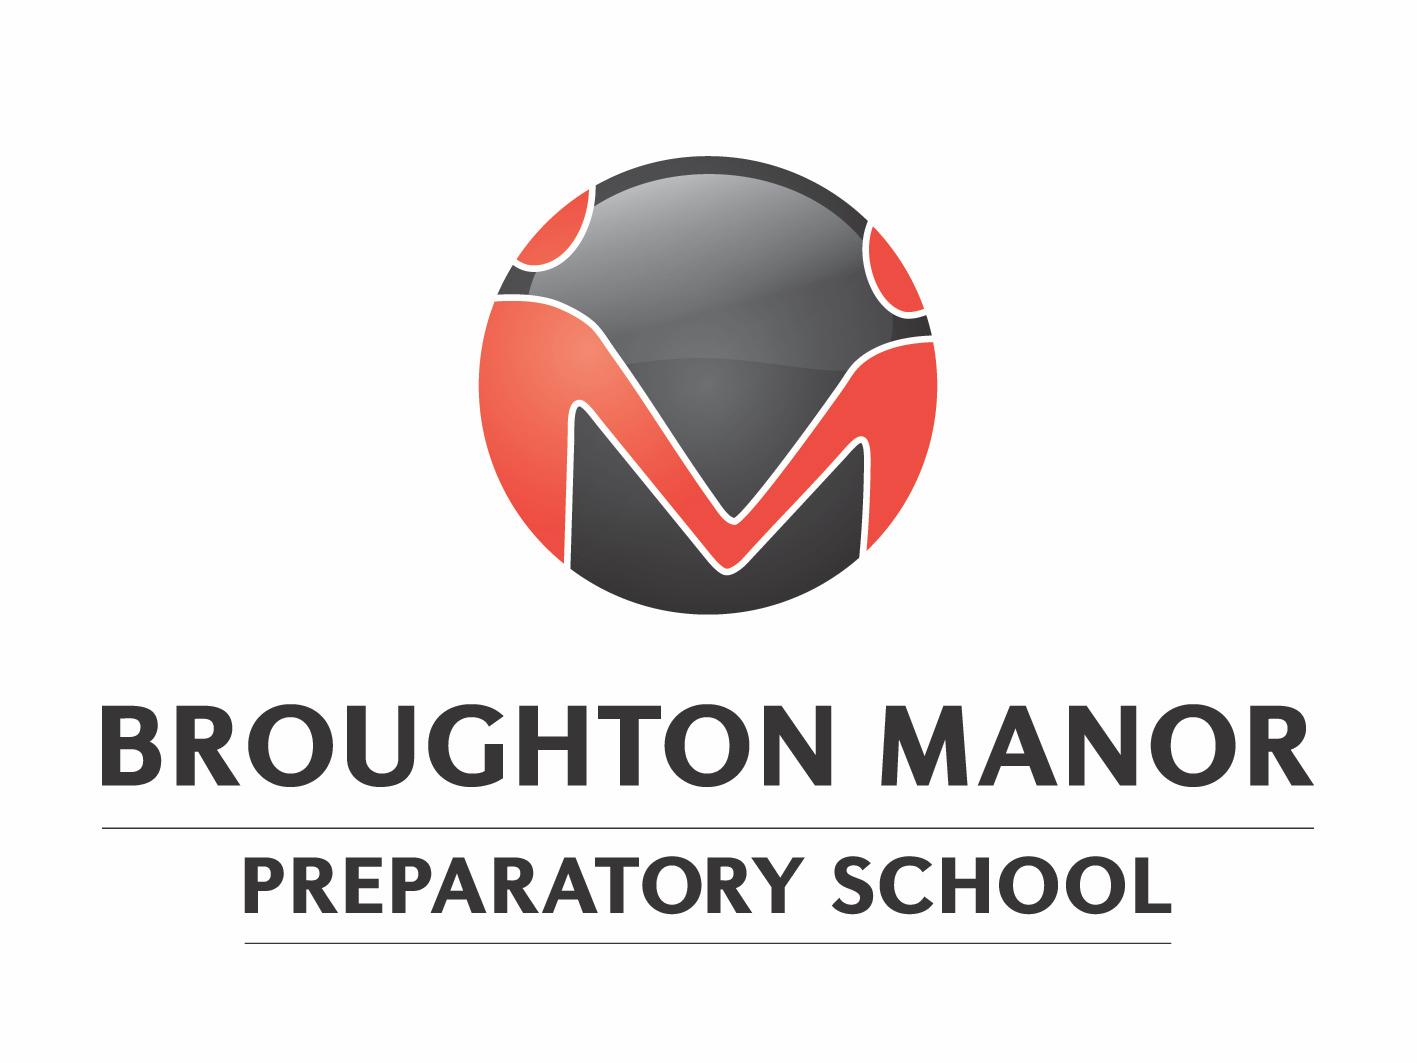 Broughton Manor Nursery's logo